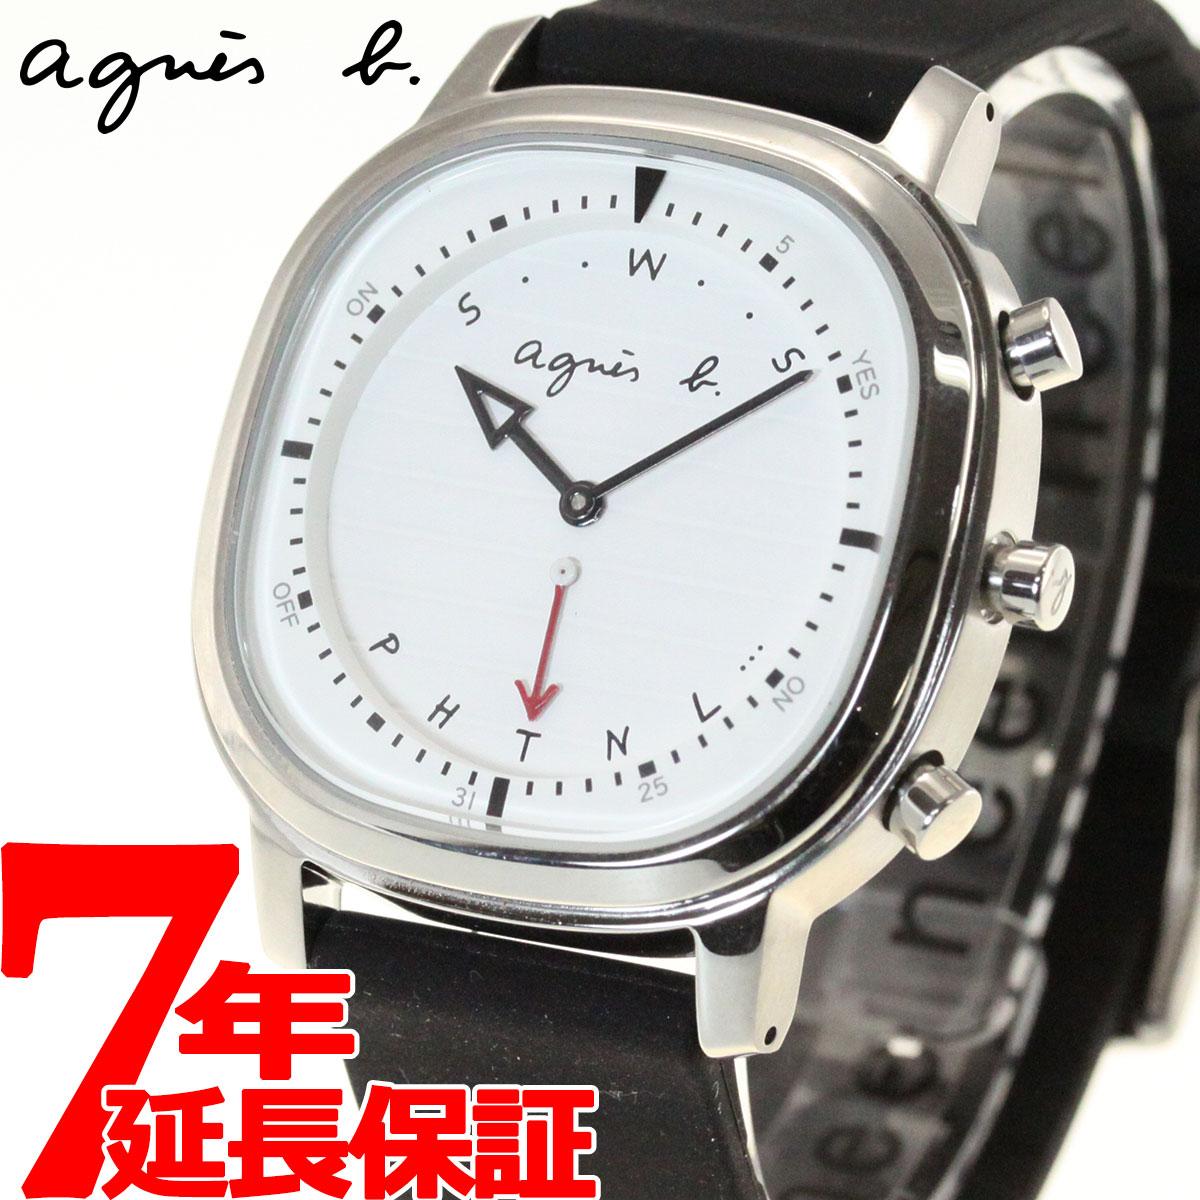 腕時計, メンズ腕時計 2000OFF58.5 Bluetooth agnes b. Bon Voyage FCRB4012020